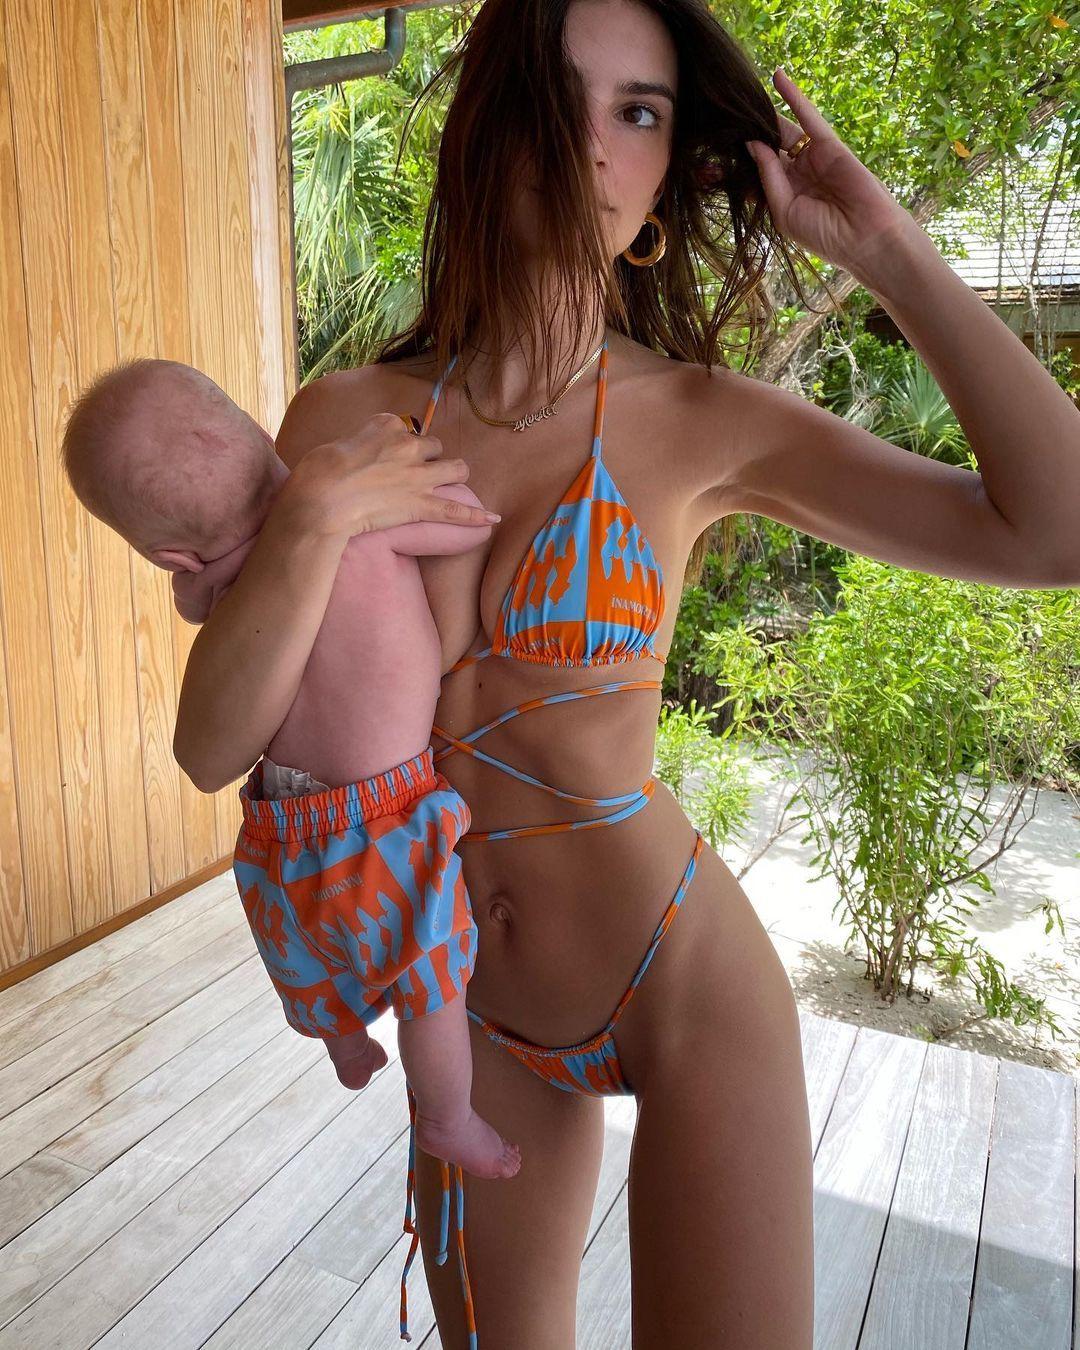 Pose Pakai Bikini, Foto Emily Ratajkowski Ini Kena Kritik!